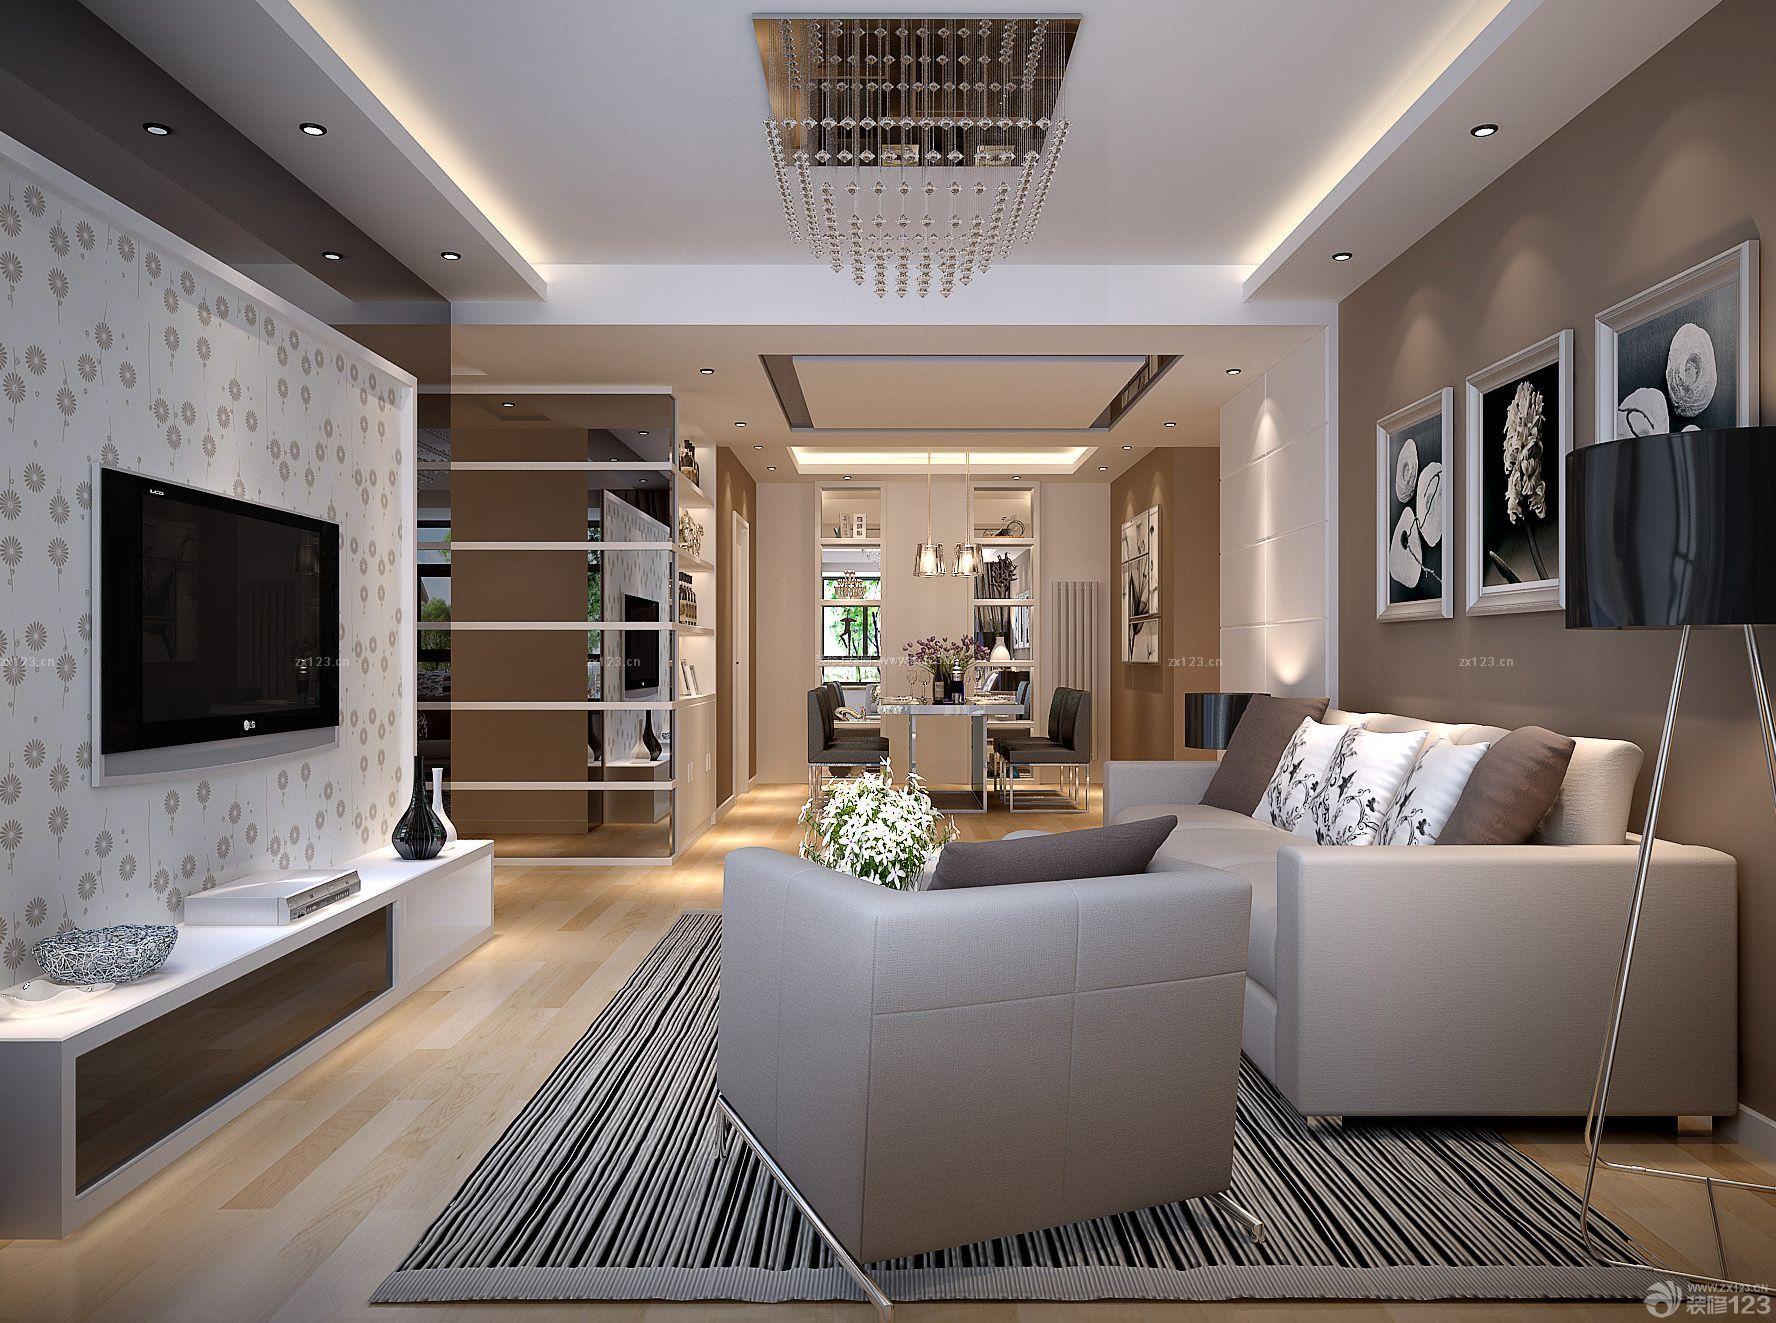 80平家庭客厅电视墙壁纸装修效果图